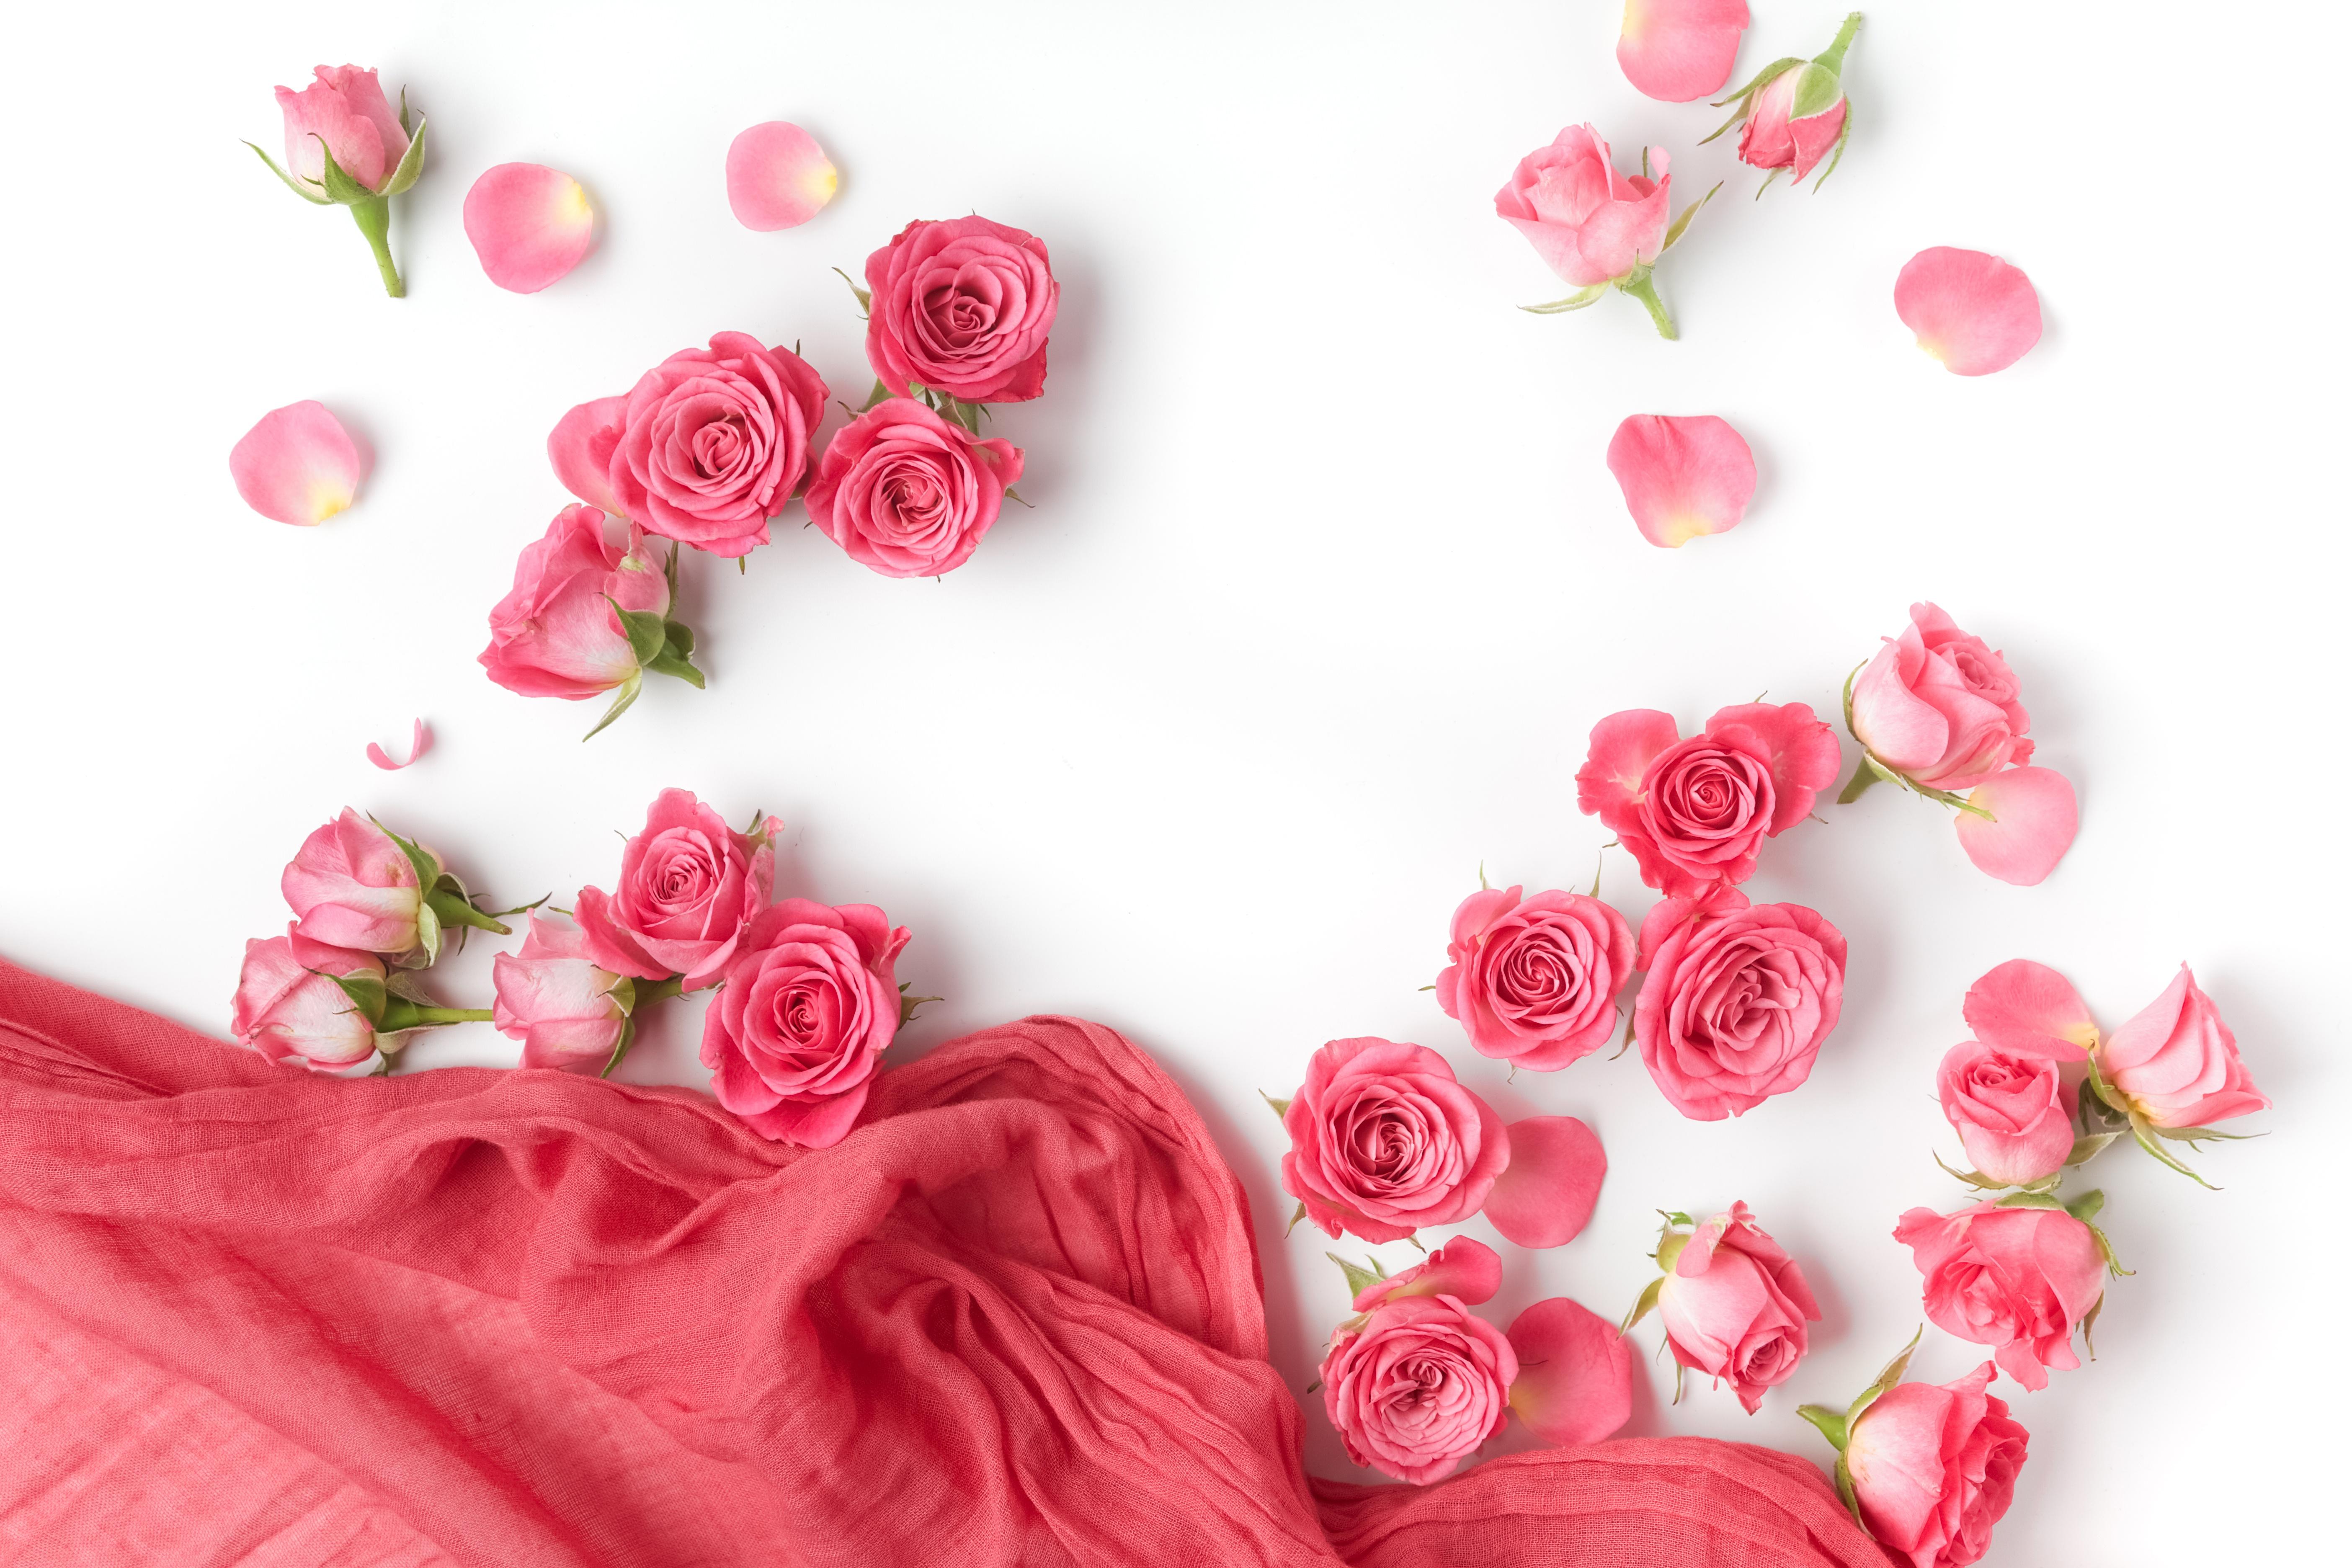 очень уважает картинки разбросаны розы нас сможете приобрести